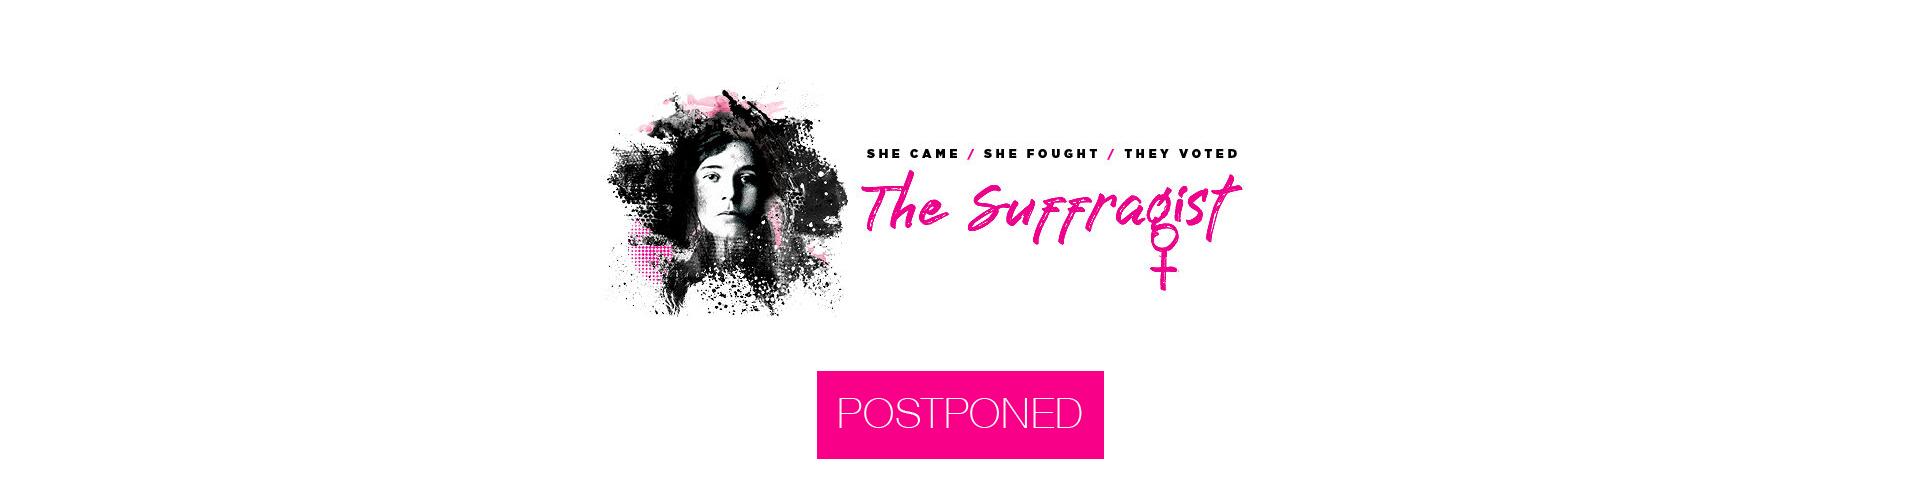 The Suffragist, Postponed